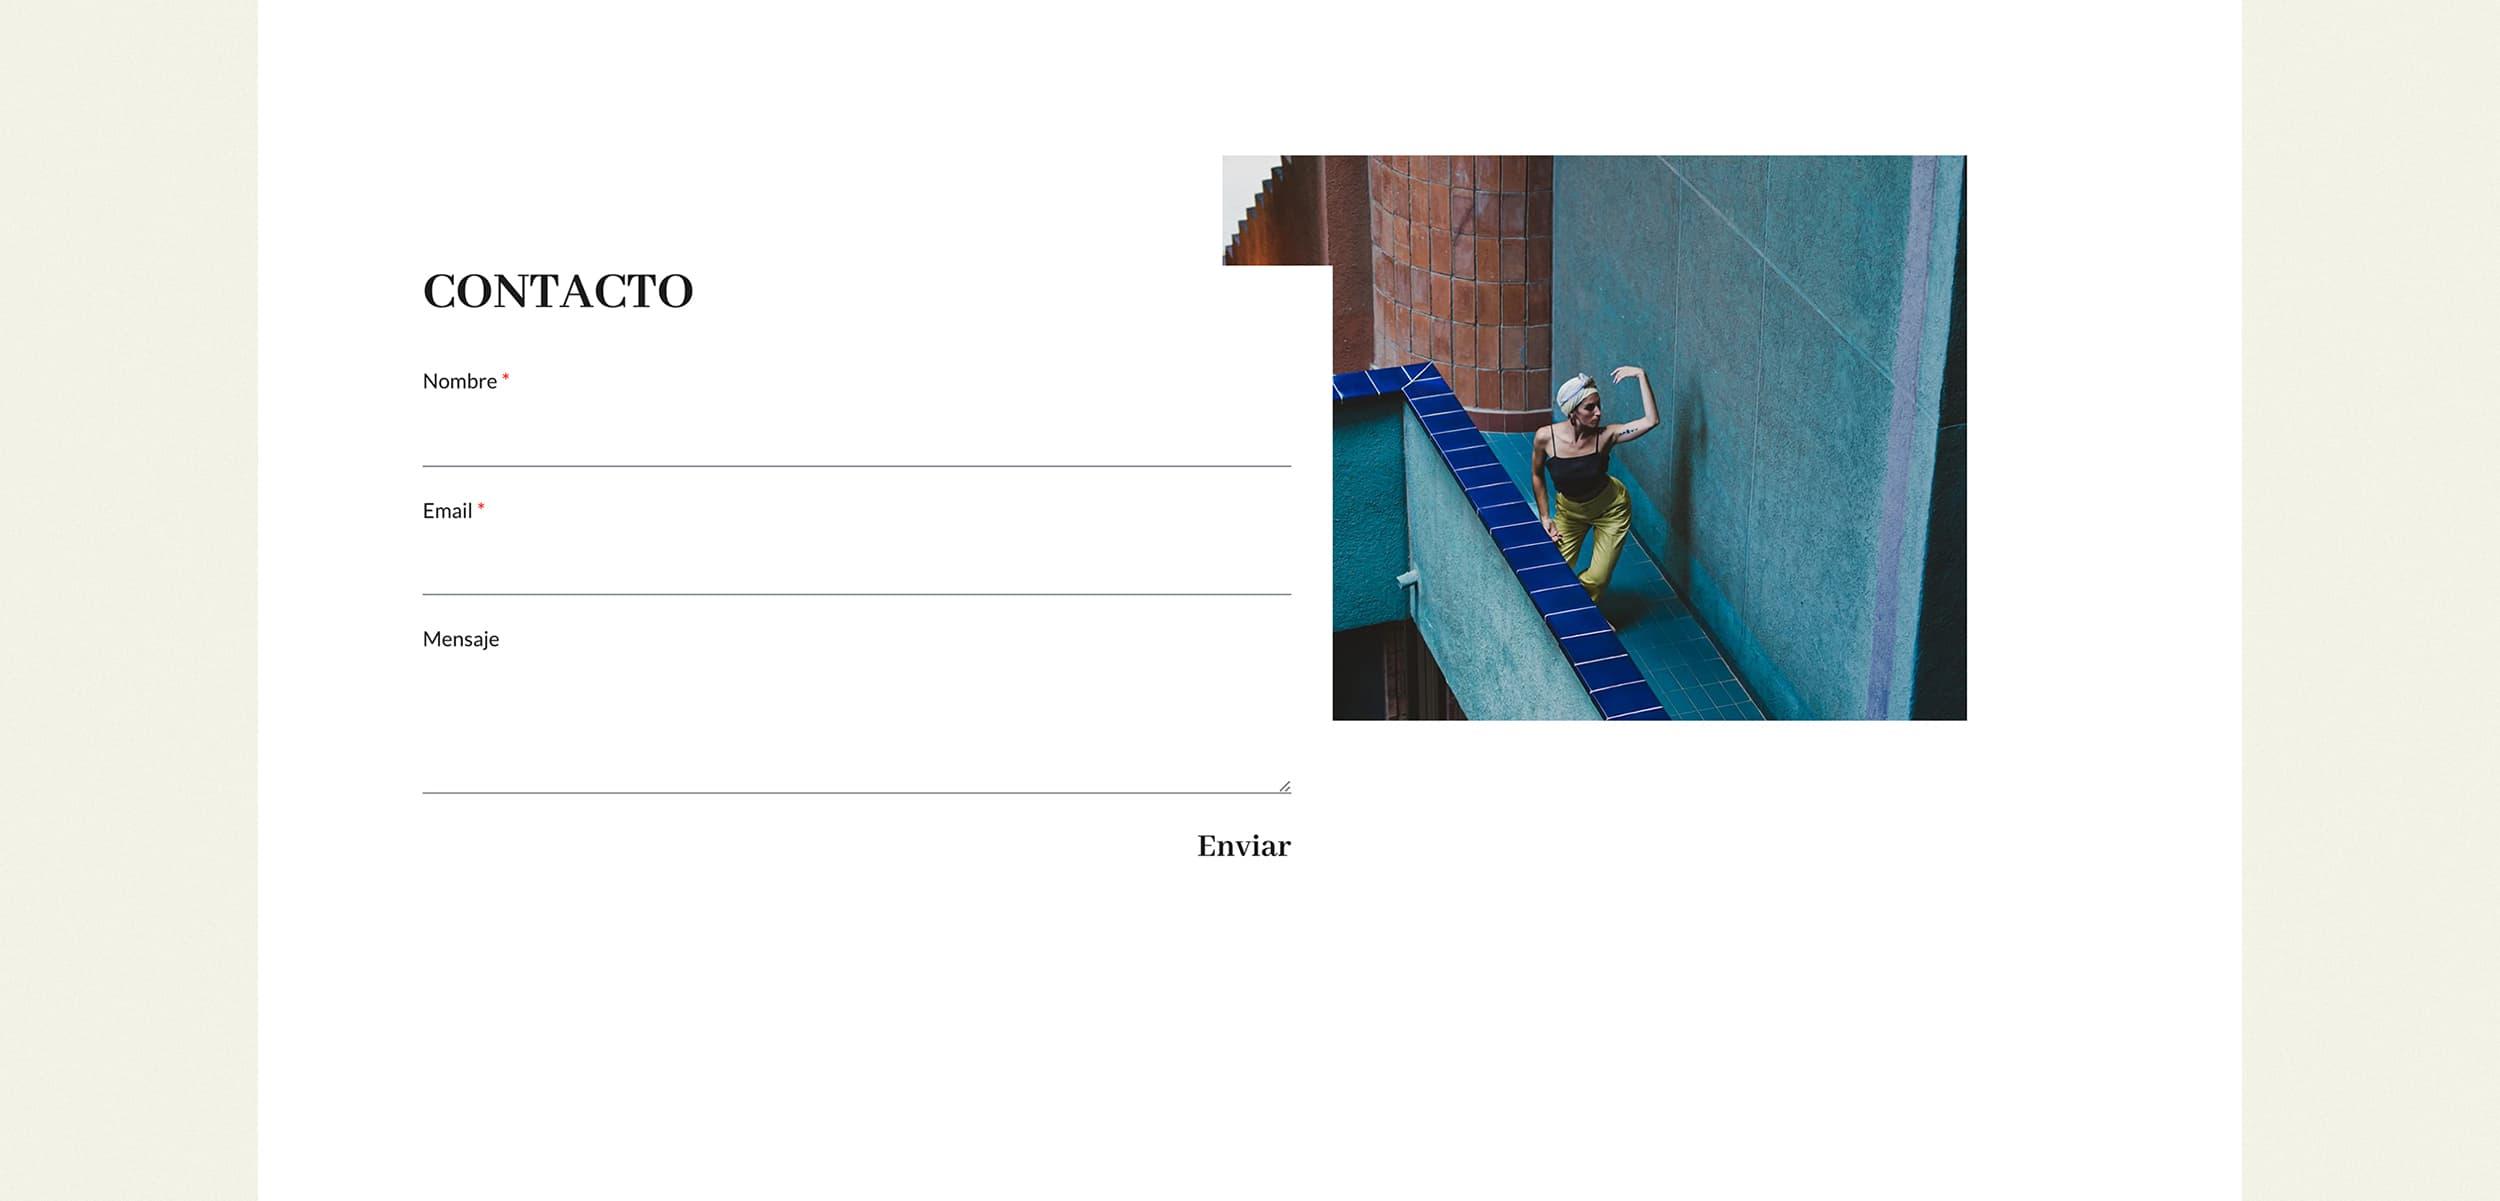 Ancar Studio - Aina Lanas Web Contacto